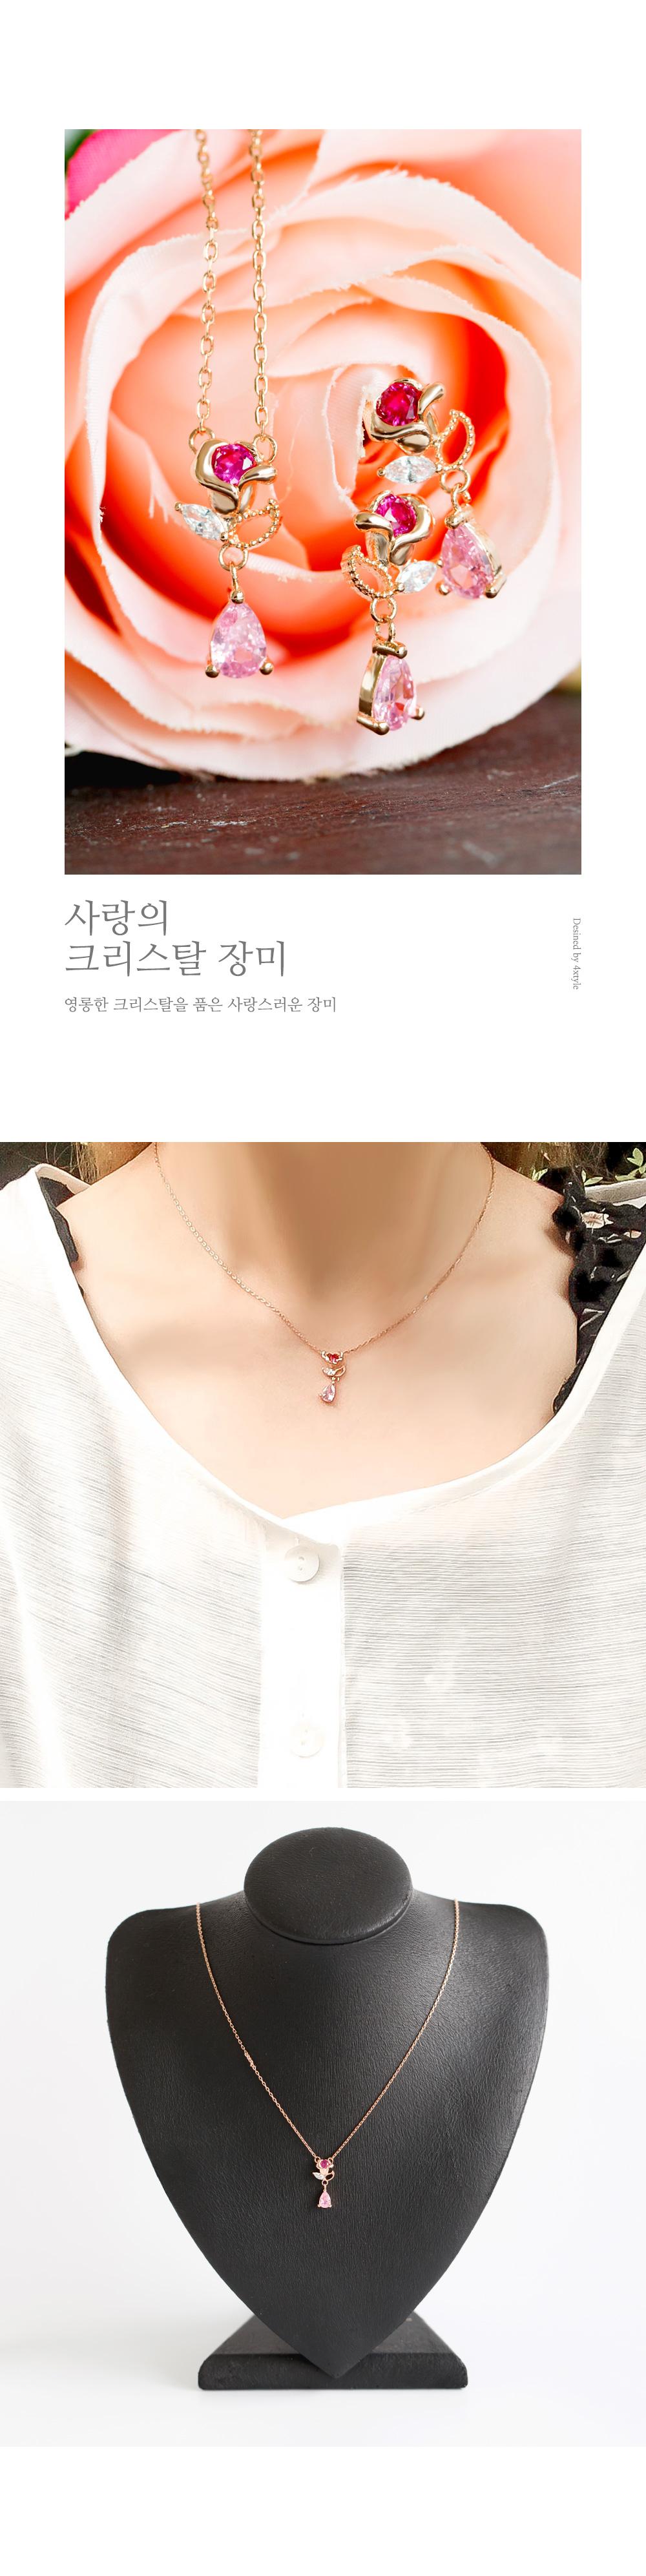 마리 로즈 목걸이 - 폭스타일, 8,000원, 패션, 패션목걸이